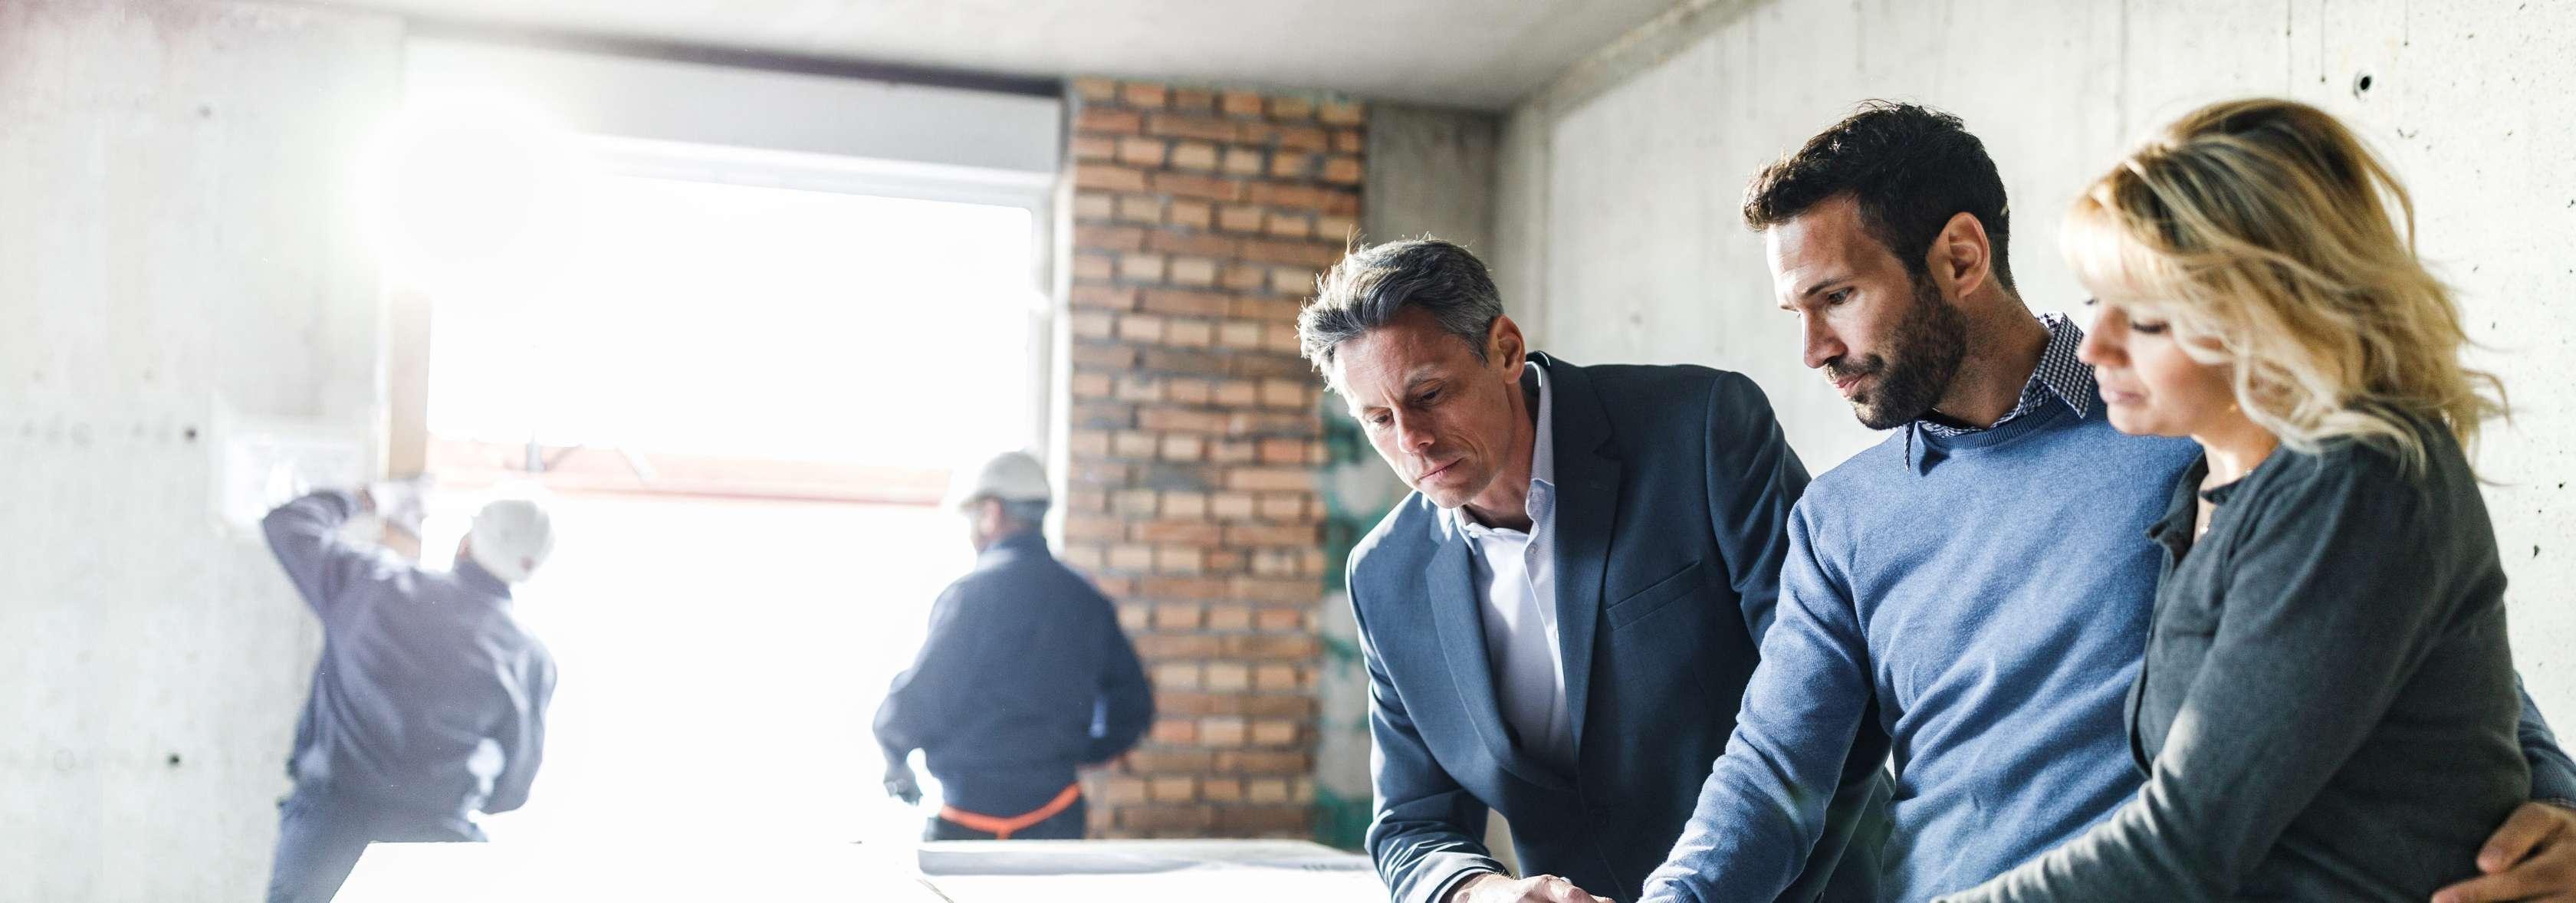 Ein Paar bespricht etwas mit dem Bauleiter auf der Baustelle, im Hintergrund stehen zwei Bauarbeiter an einem Fenster